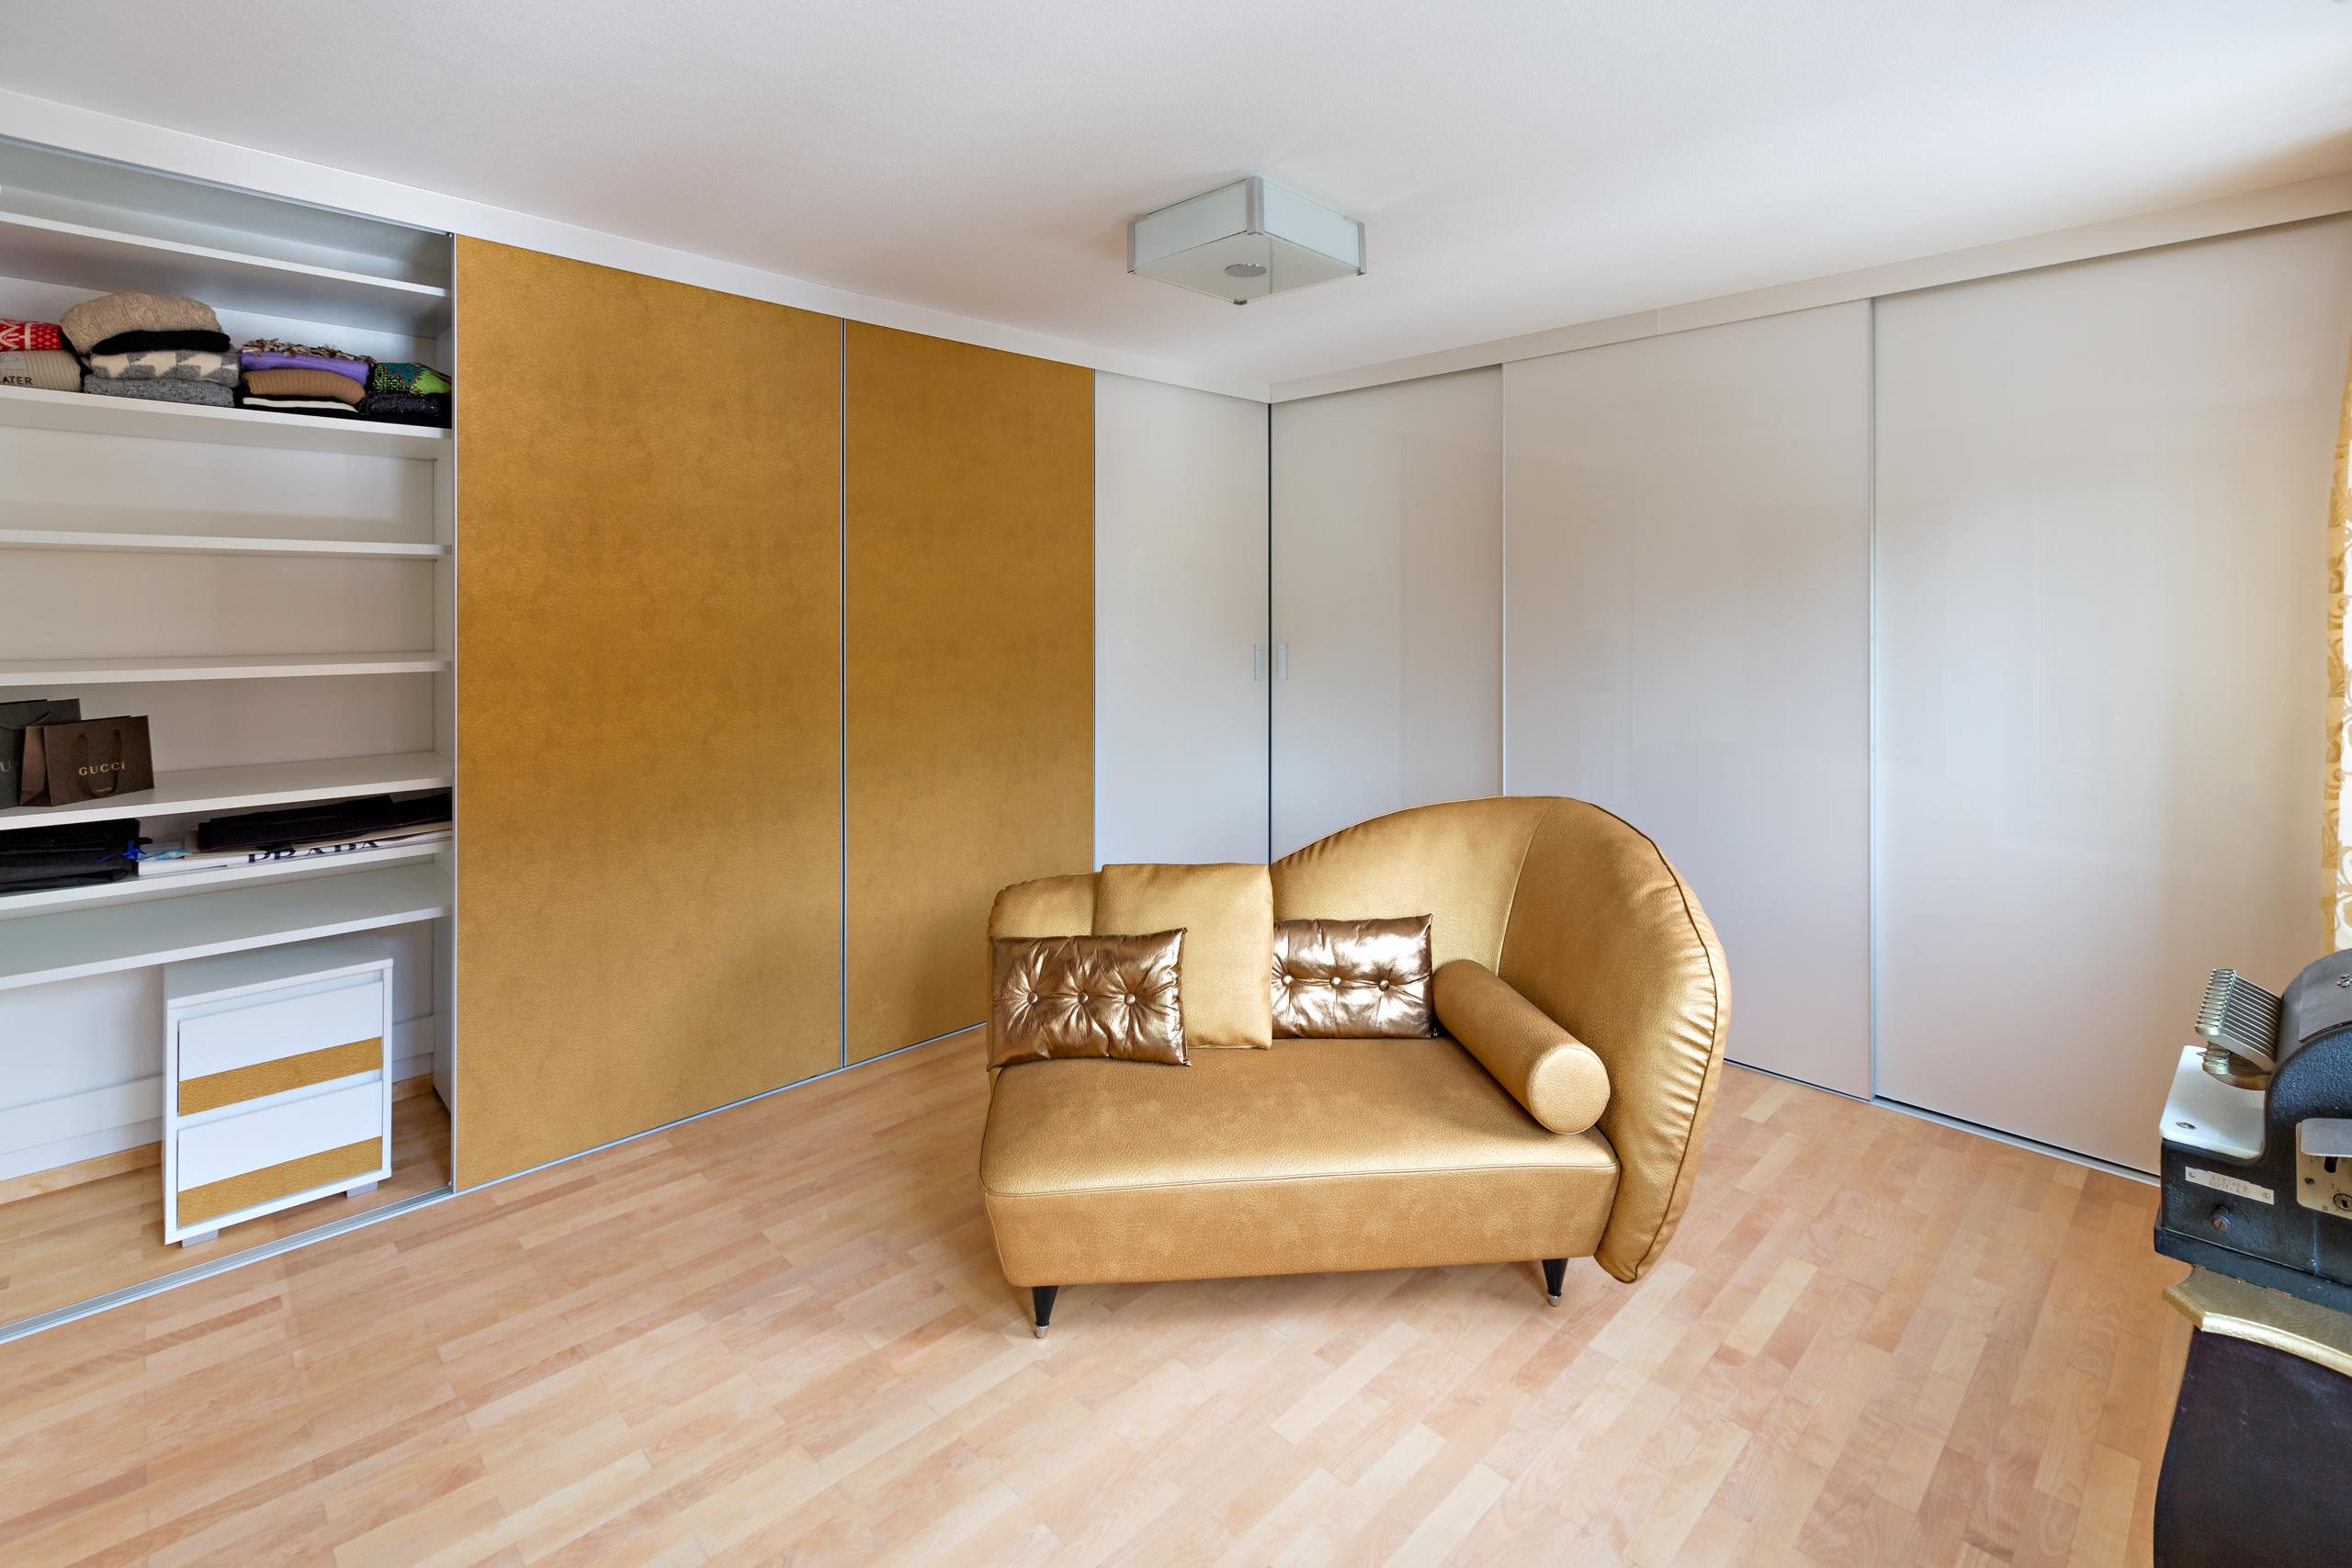 ankleideraum mit kleiderschr nken ber eck auf zu. Black Bedroom Furniture Sets. Home Design Ideas